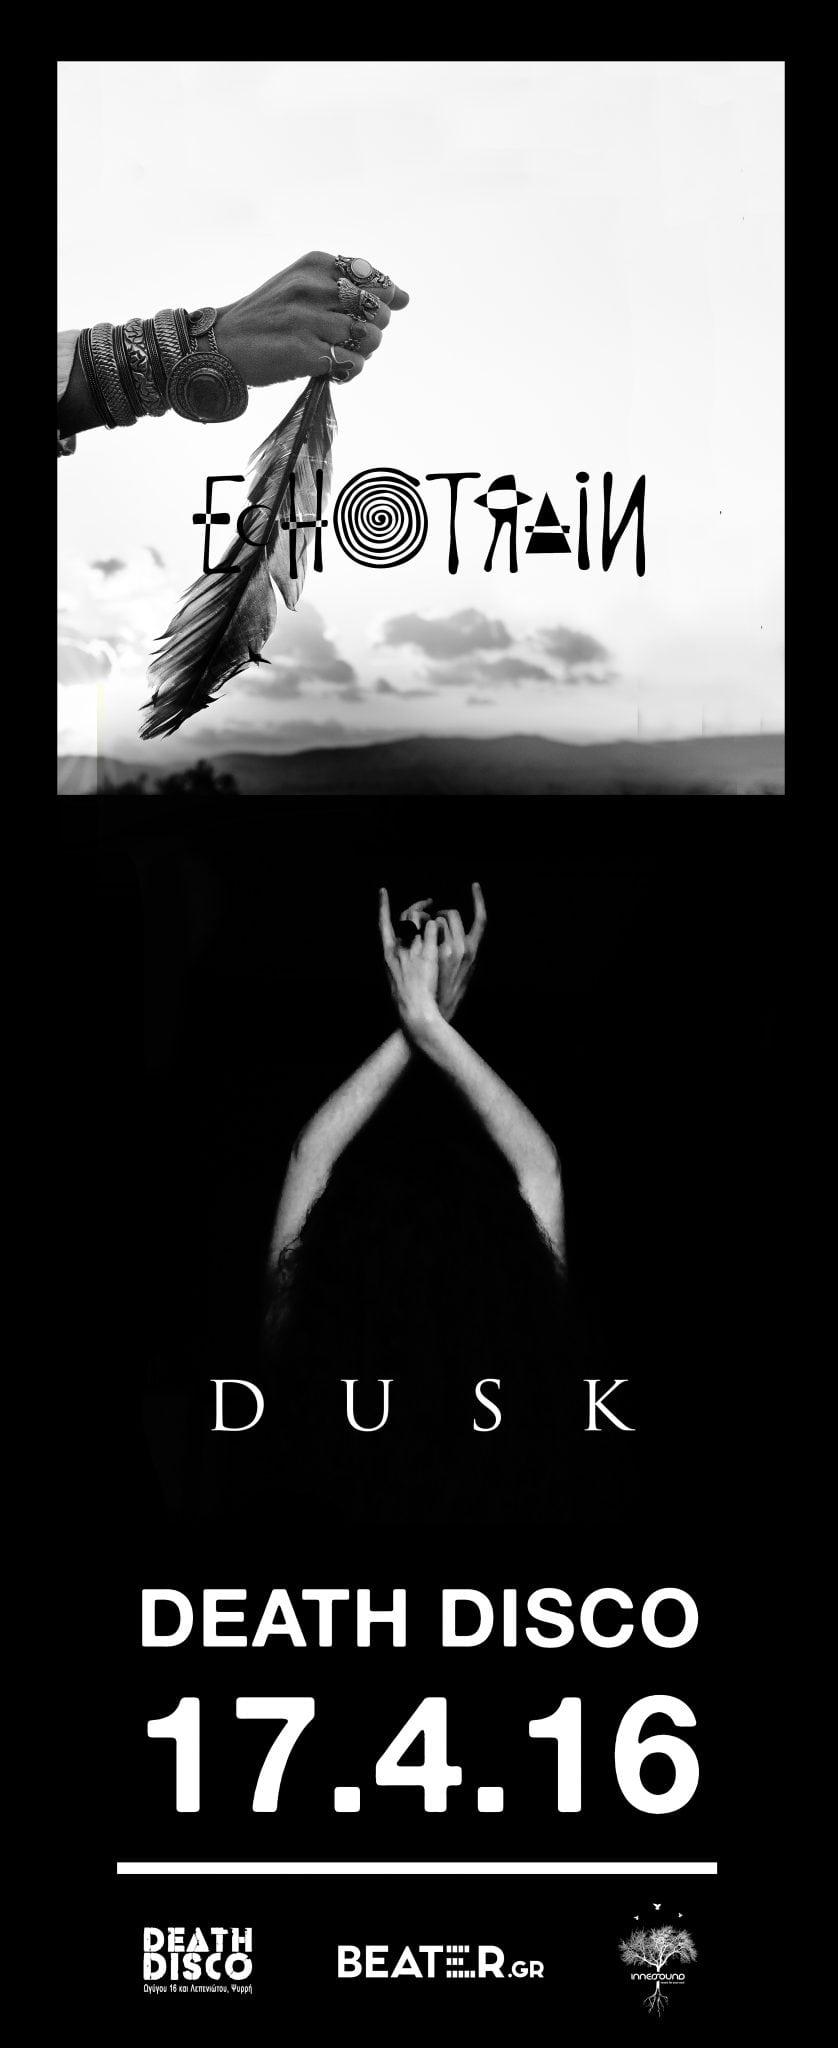 D.D.Katakorifi Dusk black